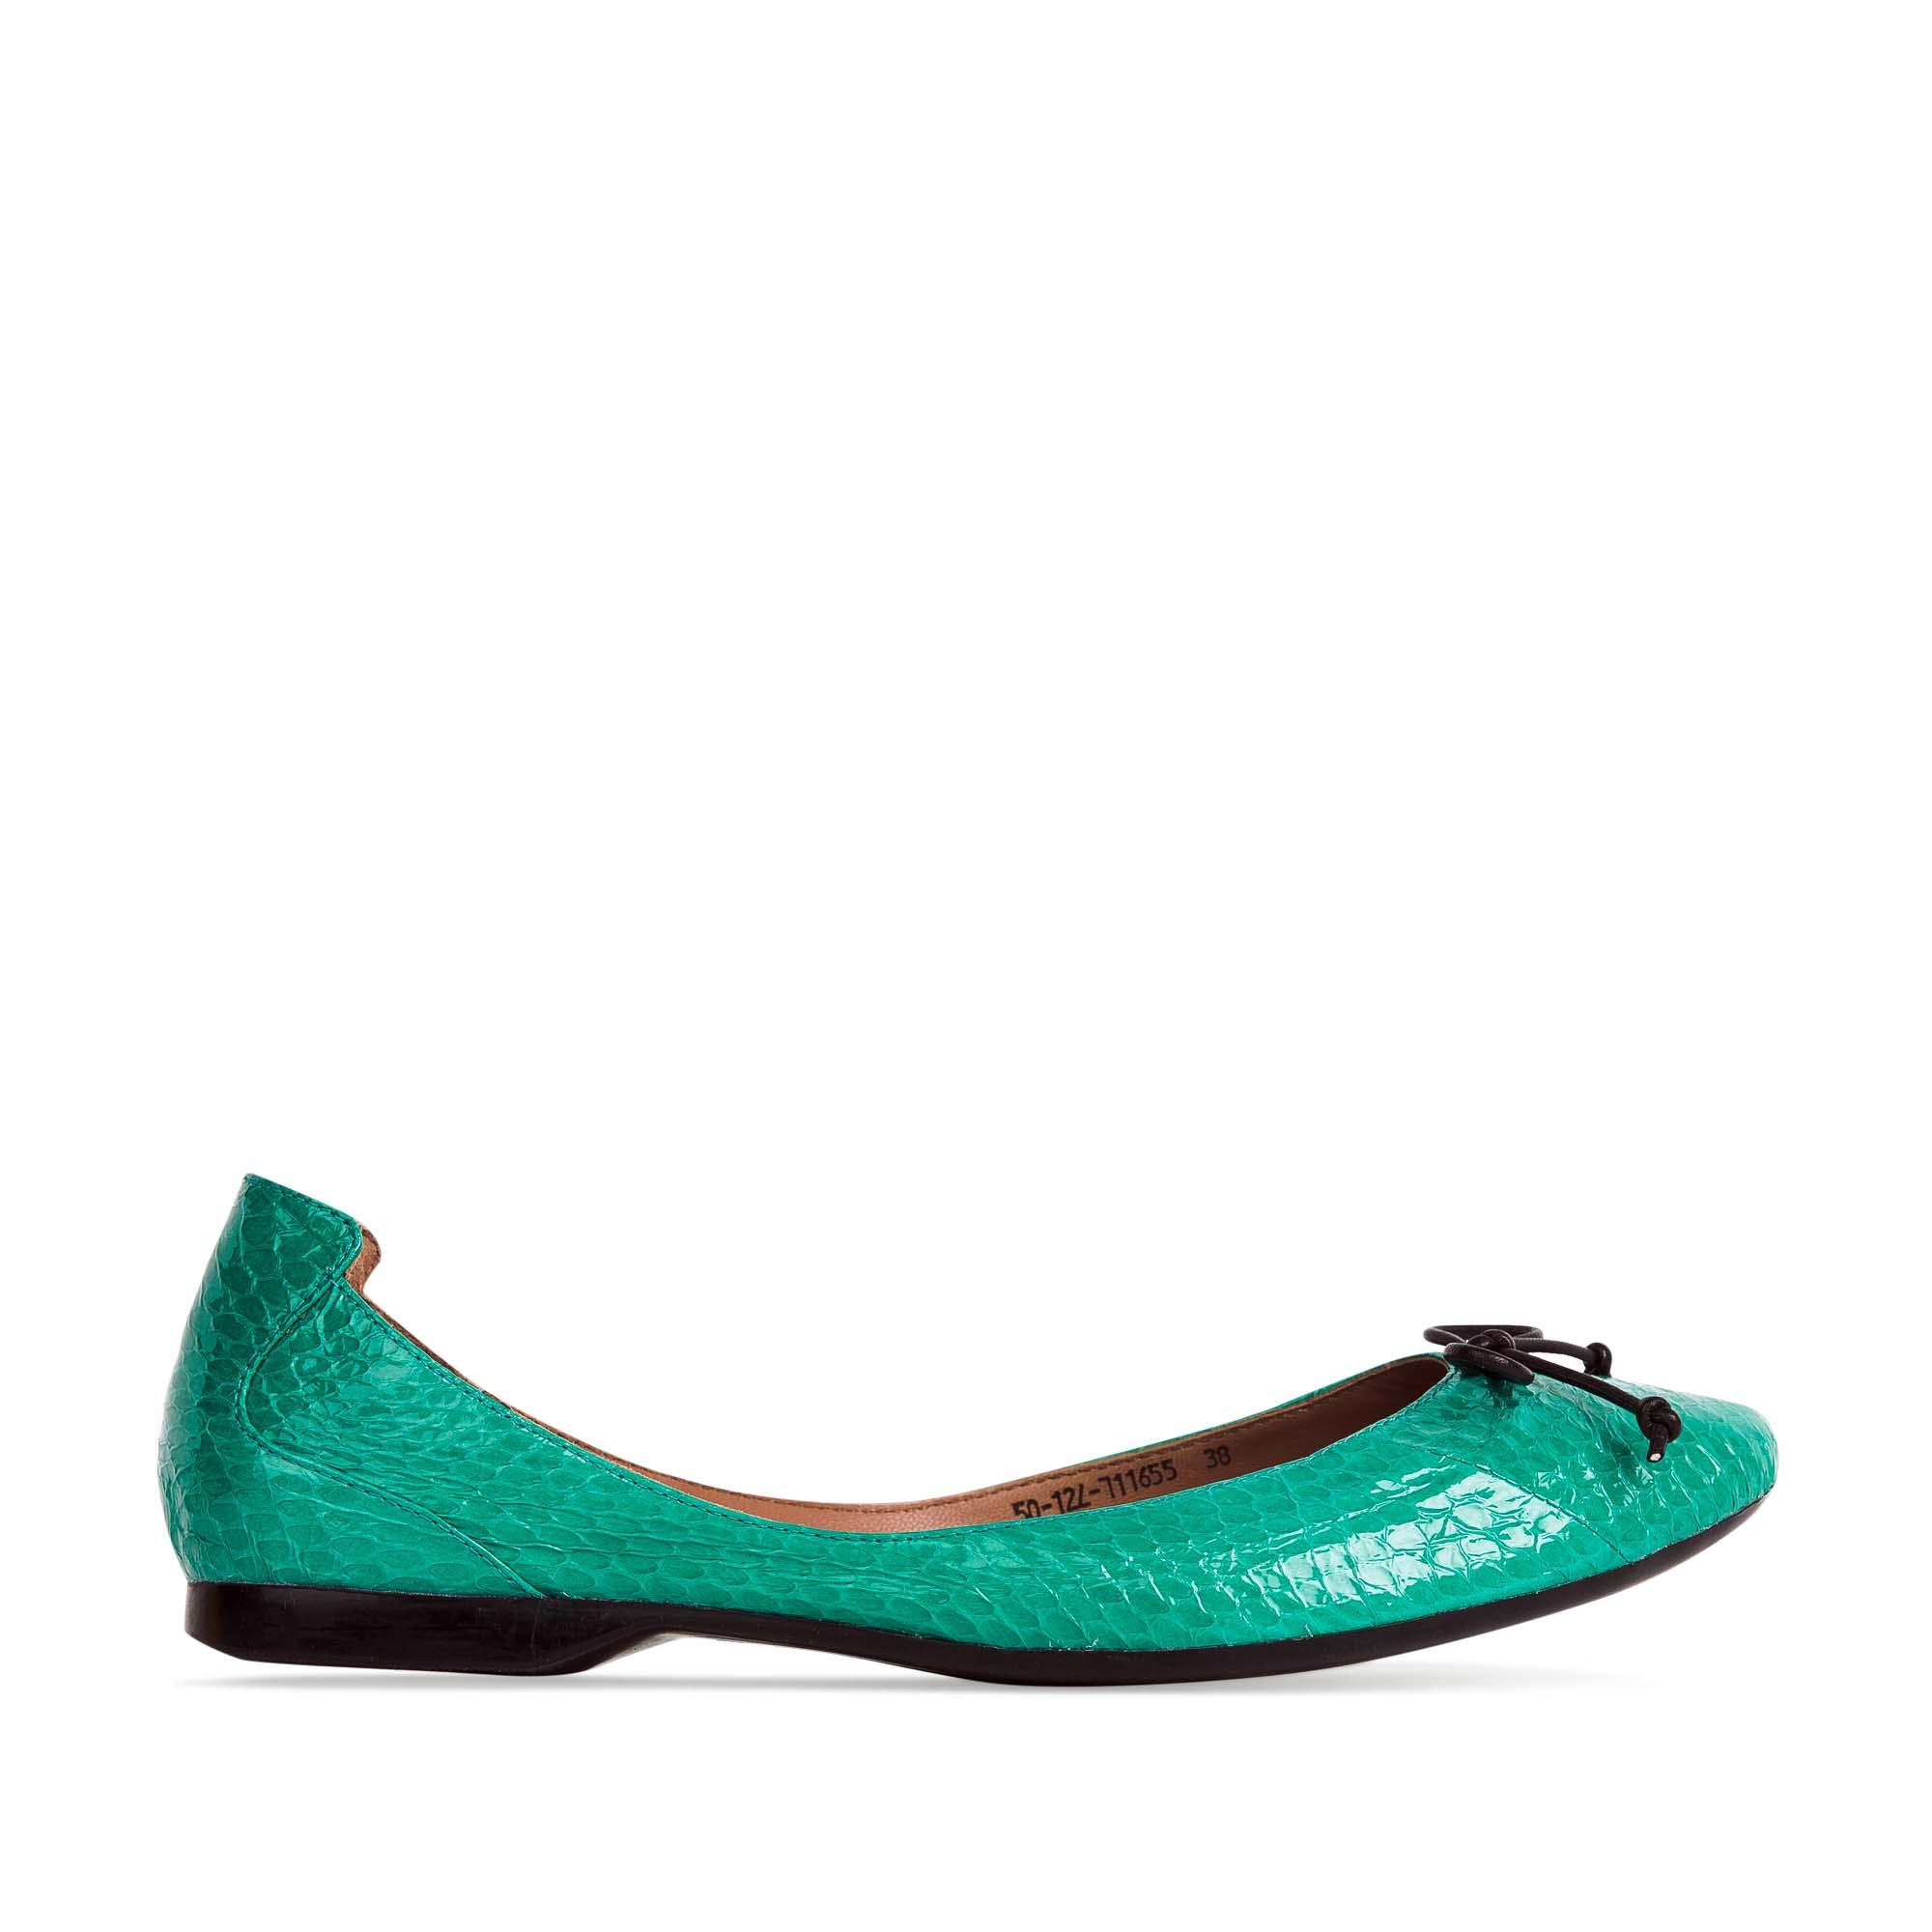 Балетки из кожи змеи бирюзового цвета с декоративным бантомБалетки женские<br><br>Материал верха: Кожа змеи<br>Материал подкладки: Кожа<br>Материал подошвы: Резина<br>Цвет: Зеленый<br>Высота каблука: 1см<br>Дизайн: Италия<br>Страна производства: Китай<br><br>Высота каблука: 1 см<br>Материал верха: Кожа змеи<br>Материал подошвы: Резина<br>Материал подкладки: Кожа<br>Цвет: Зеленый<br>Вес кг: 0.26000000<br>Размер обуви: 36